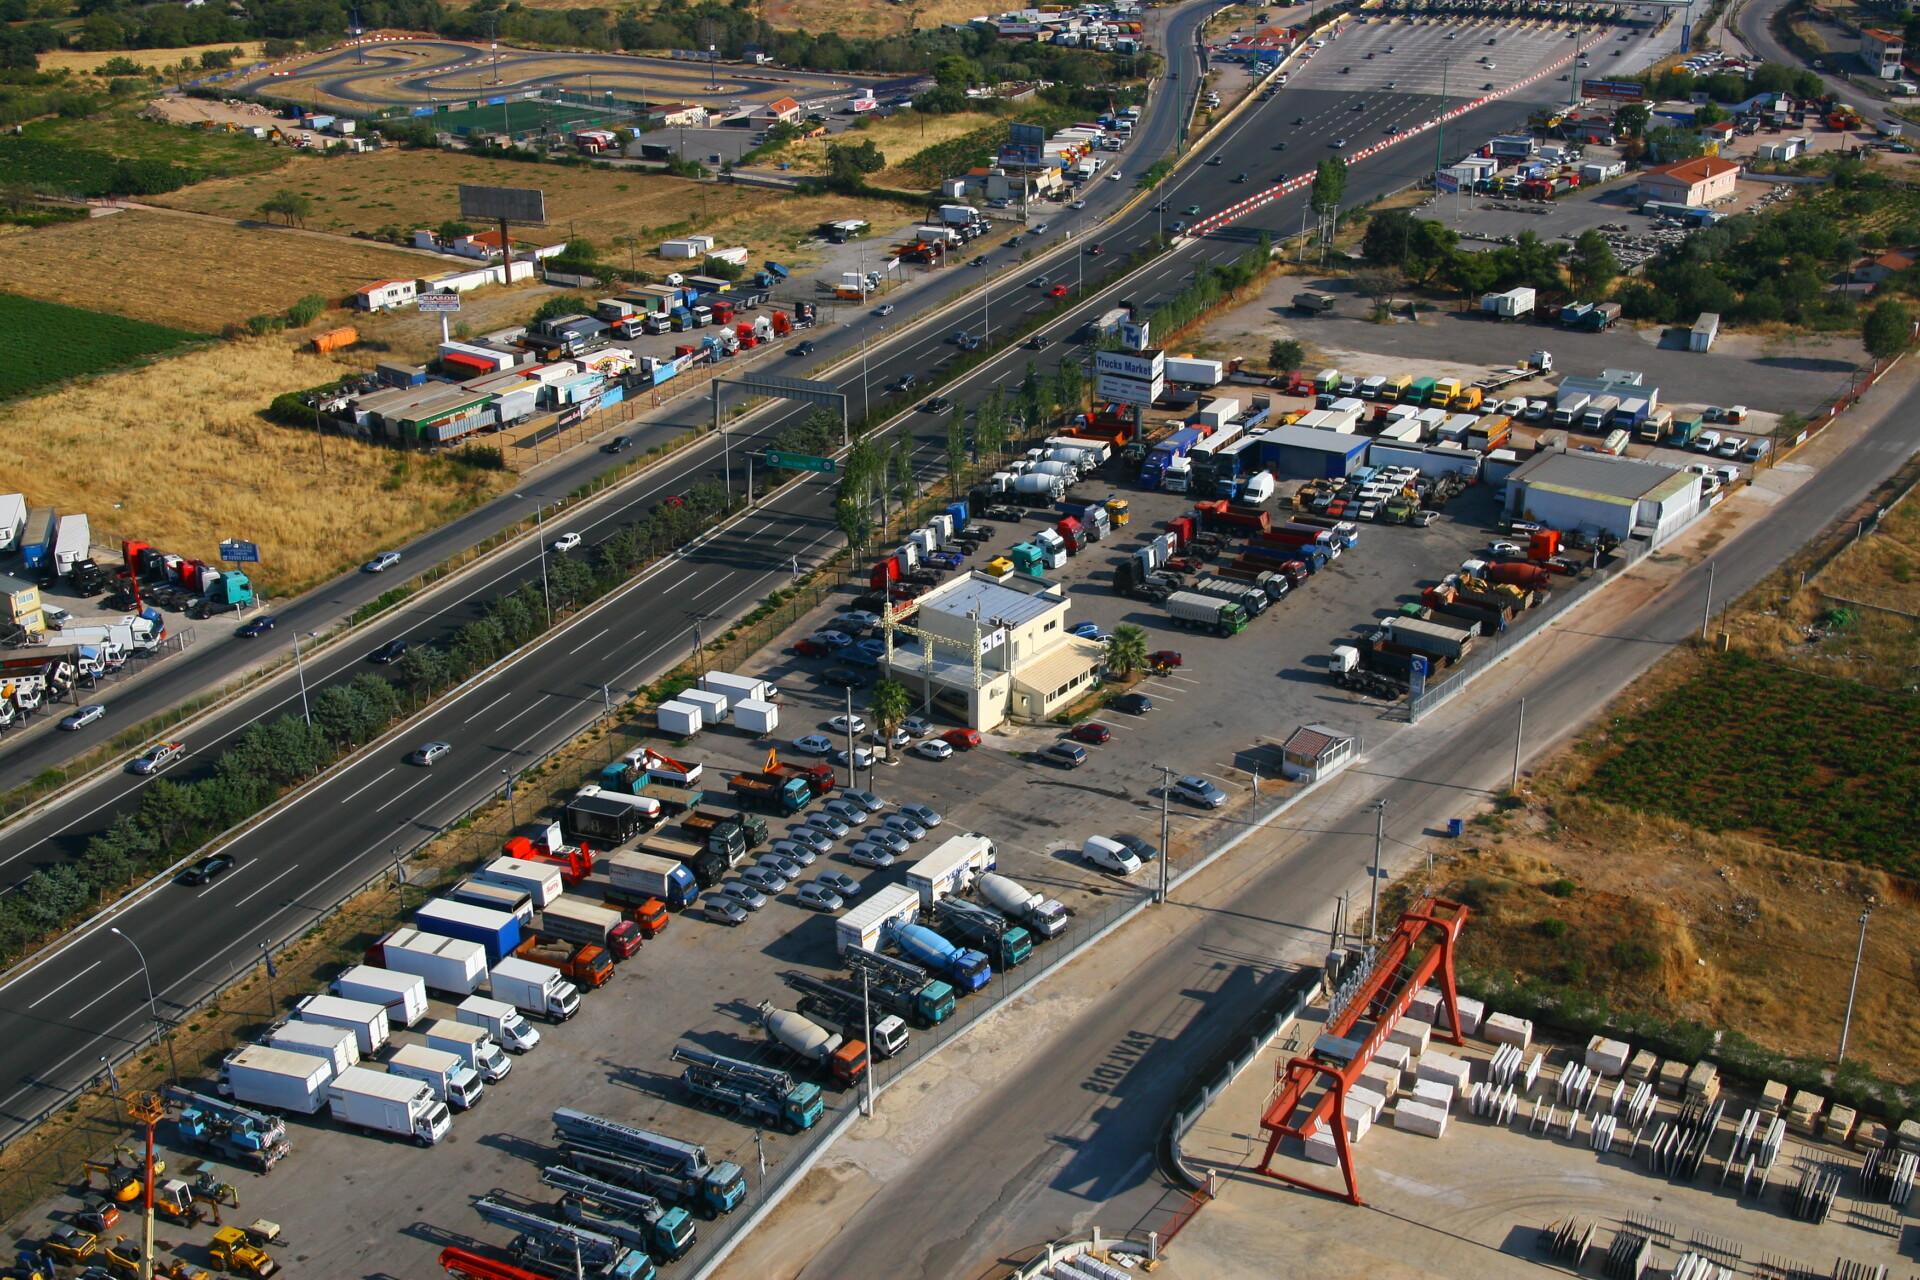 Οι εγκαταστάσεις της Trucks Market